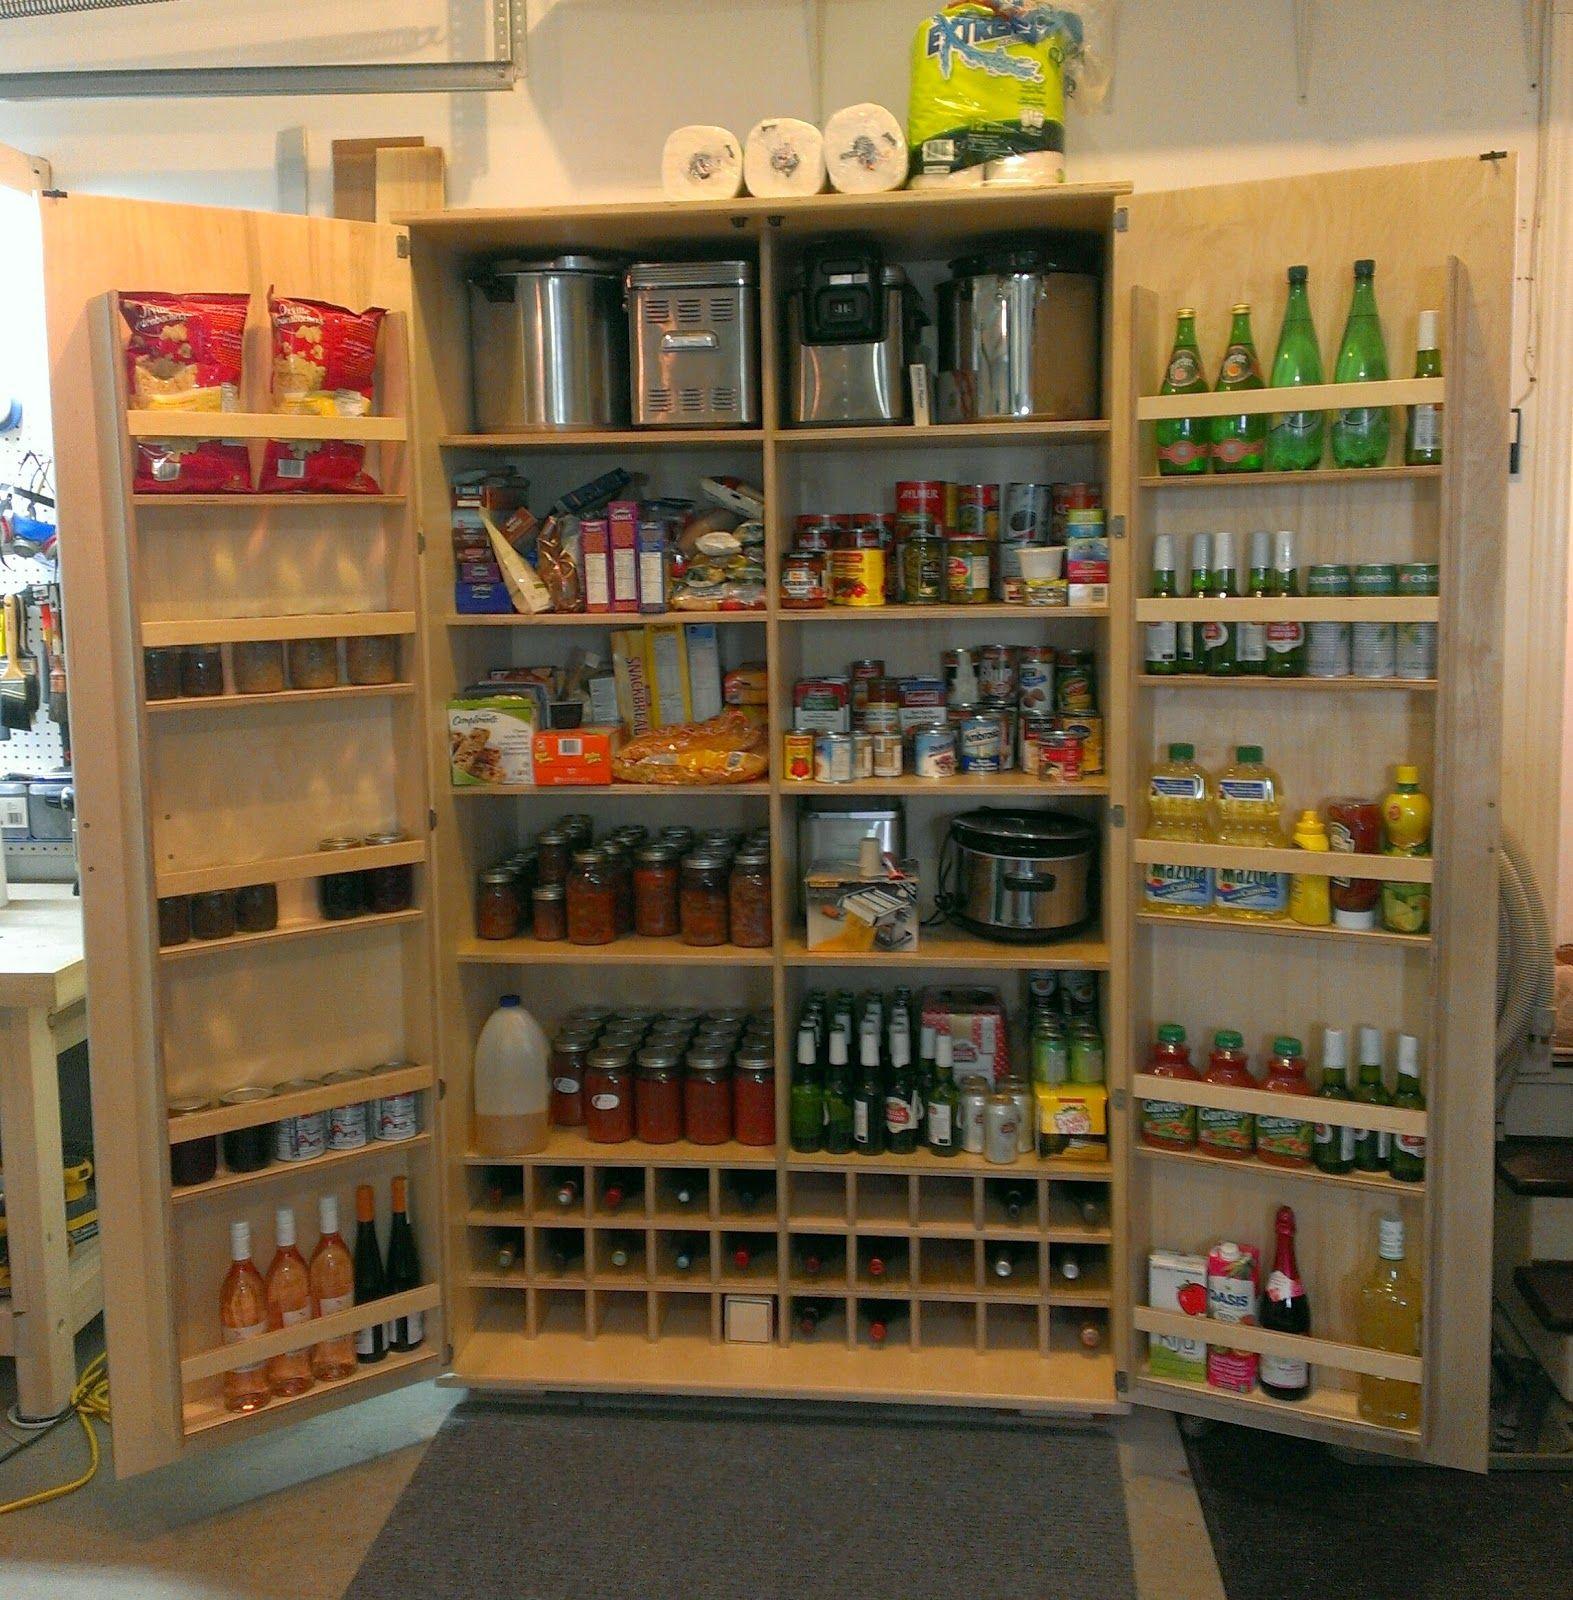 Blog De Menuiserie, Diy Et Bricolage Fabriquer Des Meubles Garagefurniturepantrieskitchen